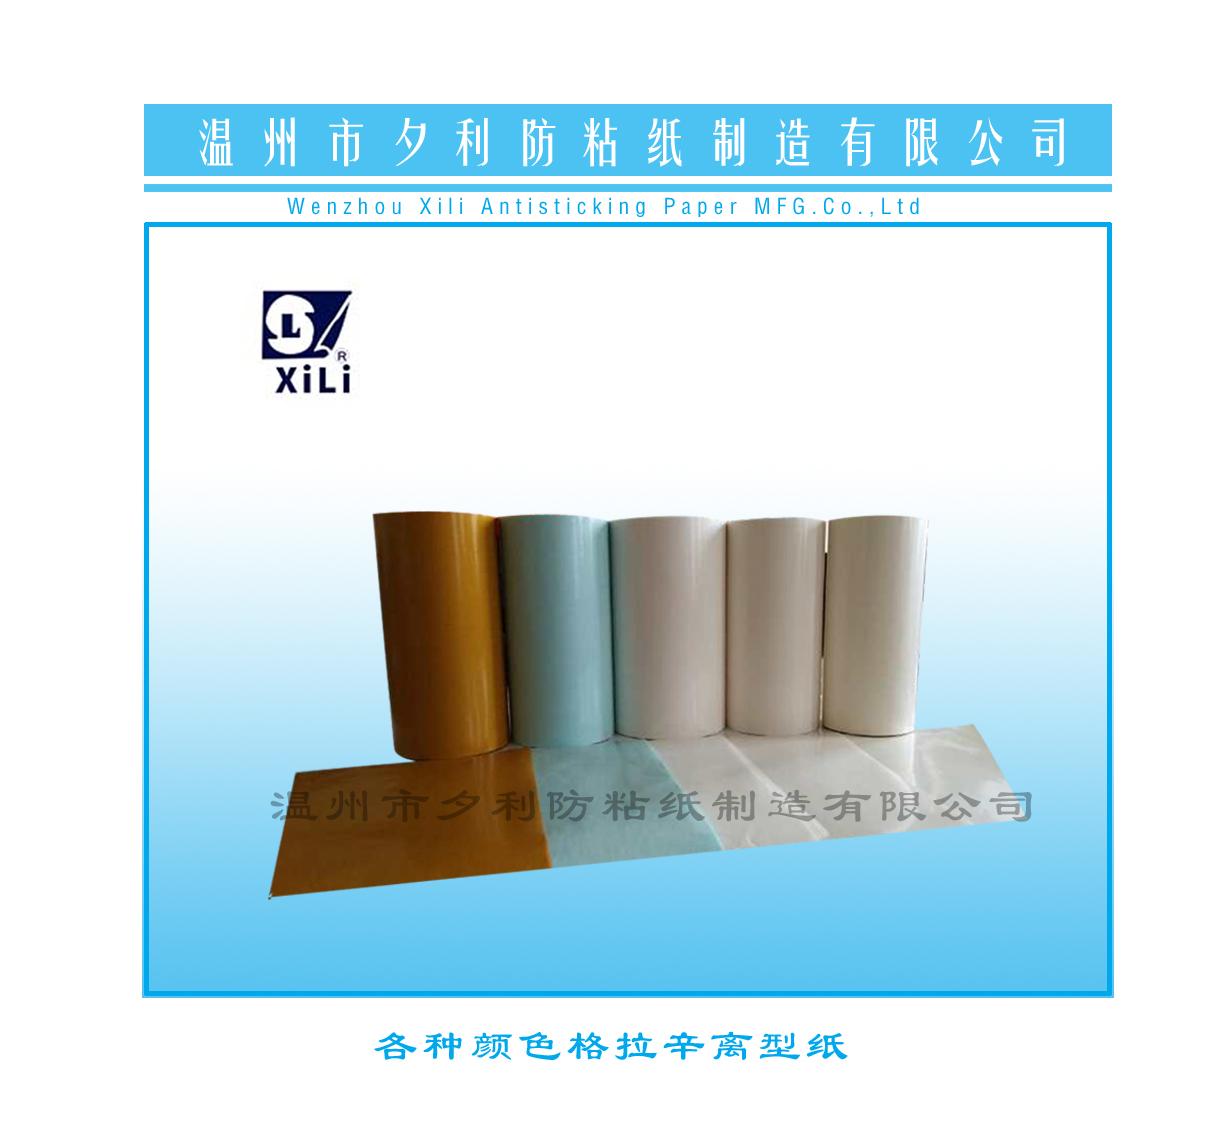 供应优质60g-120g格拉辛离型纸 离型纸 多种颜色离型纸